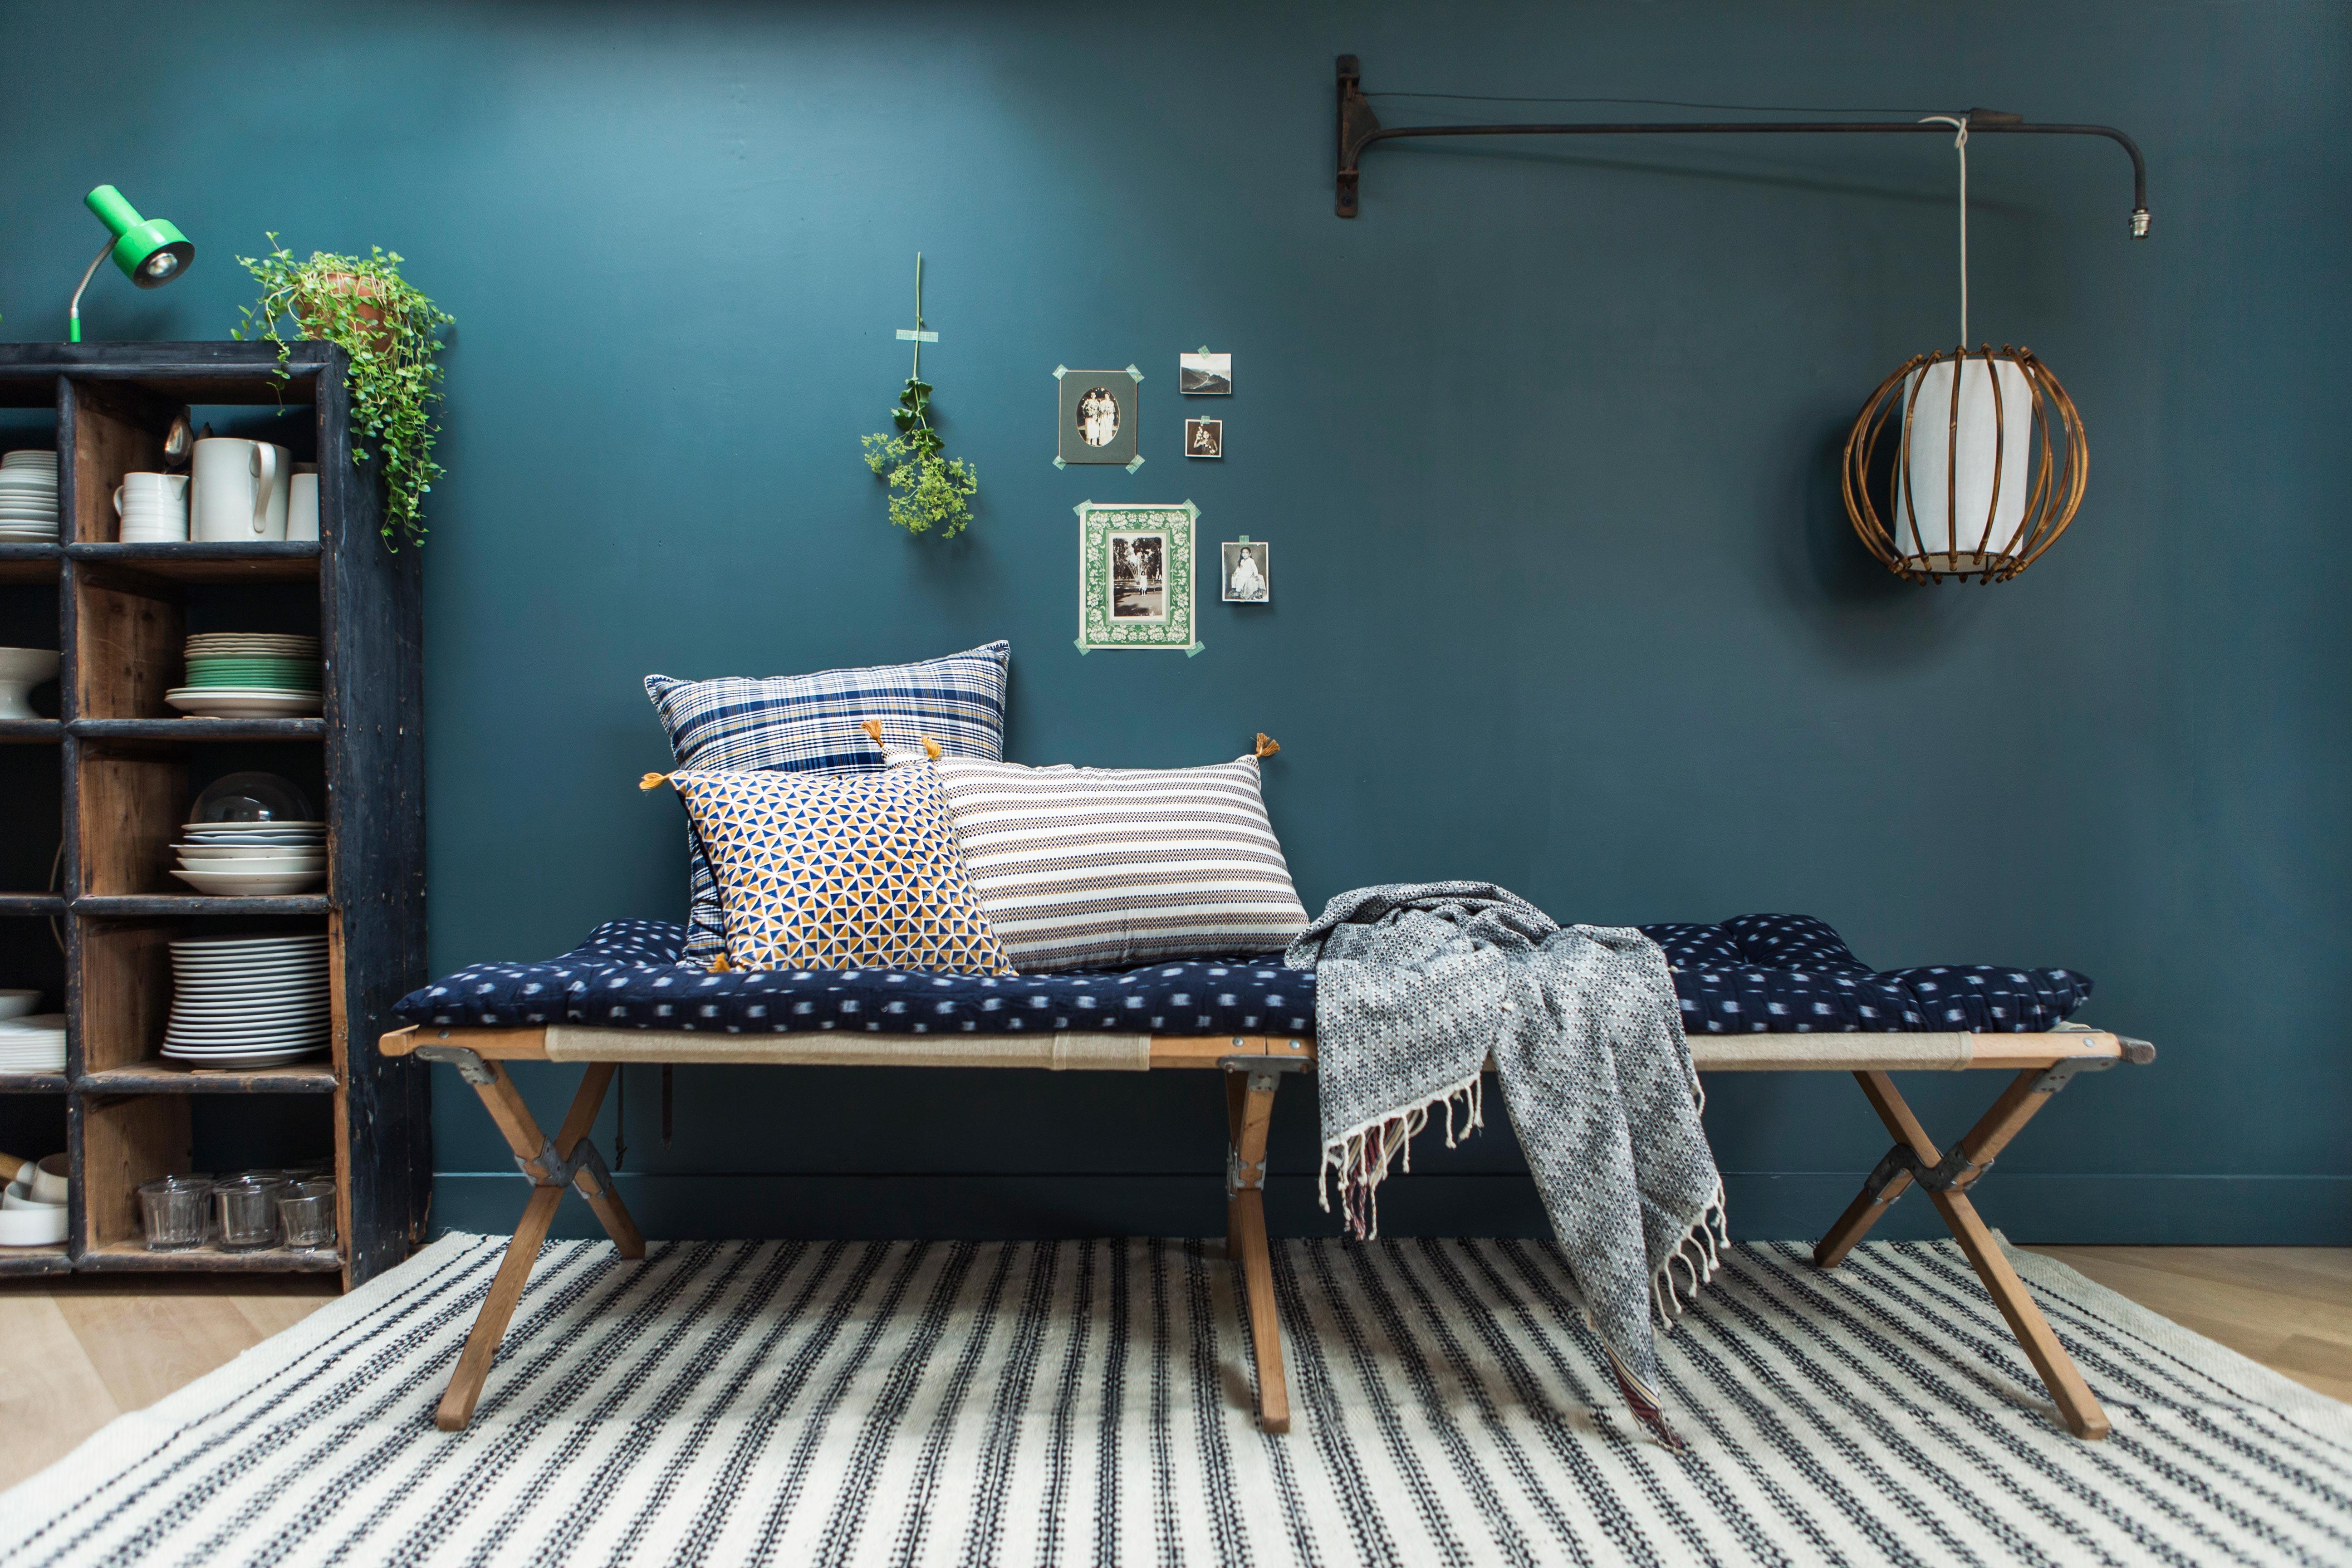 les jolis textiles indiens de jamini design. Black Bedroom Furniture Sets. Home Design Ideas